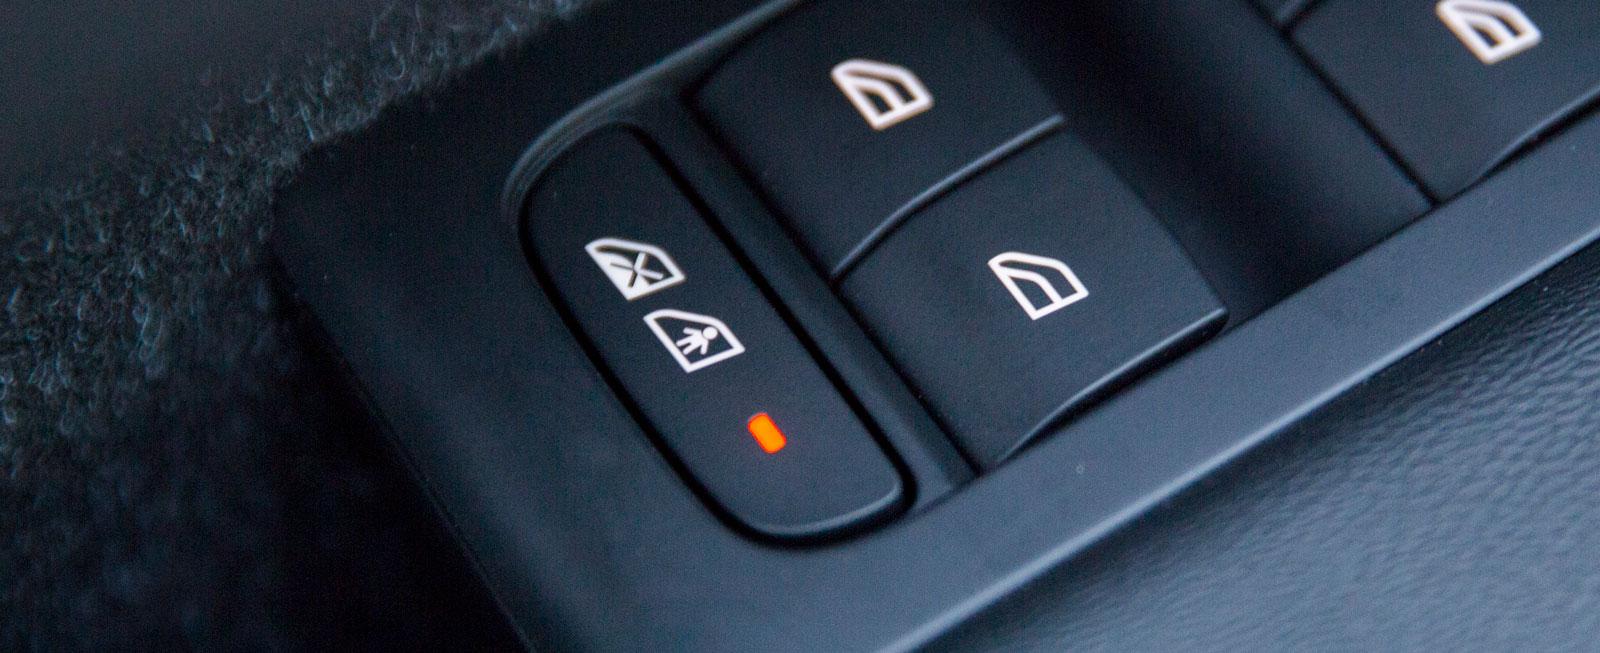 För 900 kr kan Volvo utrustas med elektriska barnsäkerhetslås.